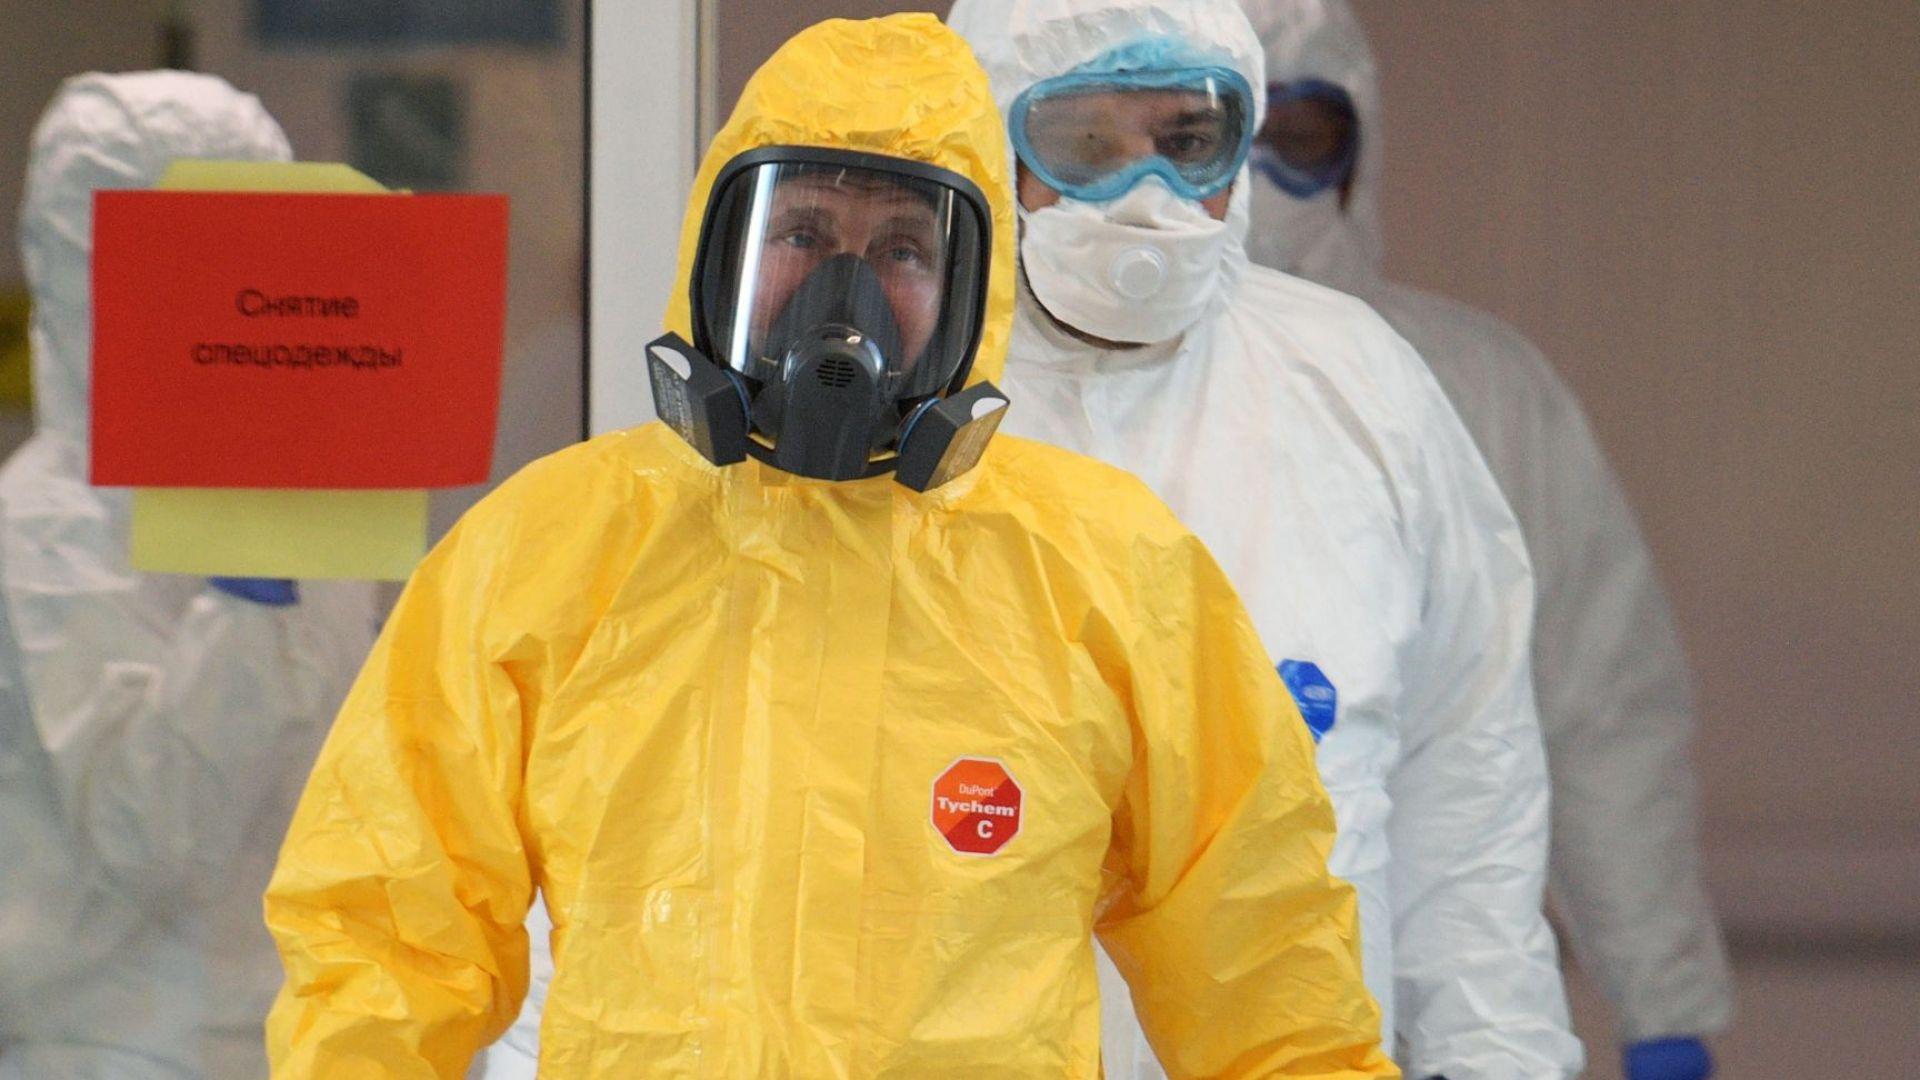 Владимир Путин посети болница за пациенти с коронавирус (снимки)